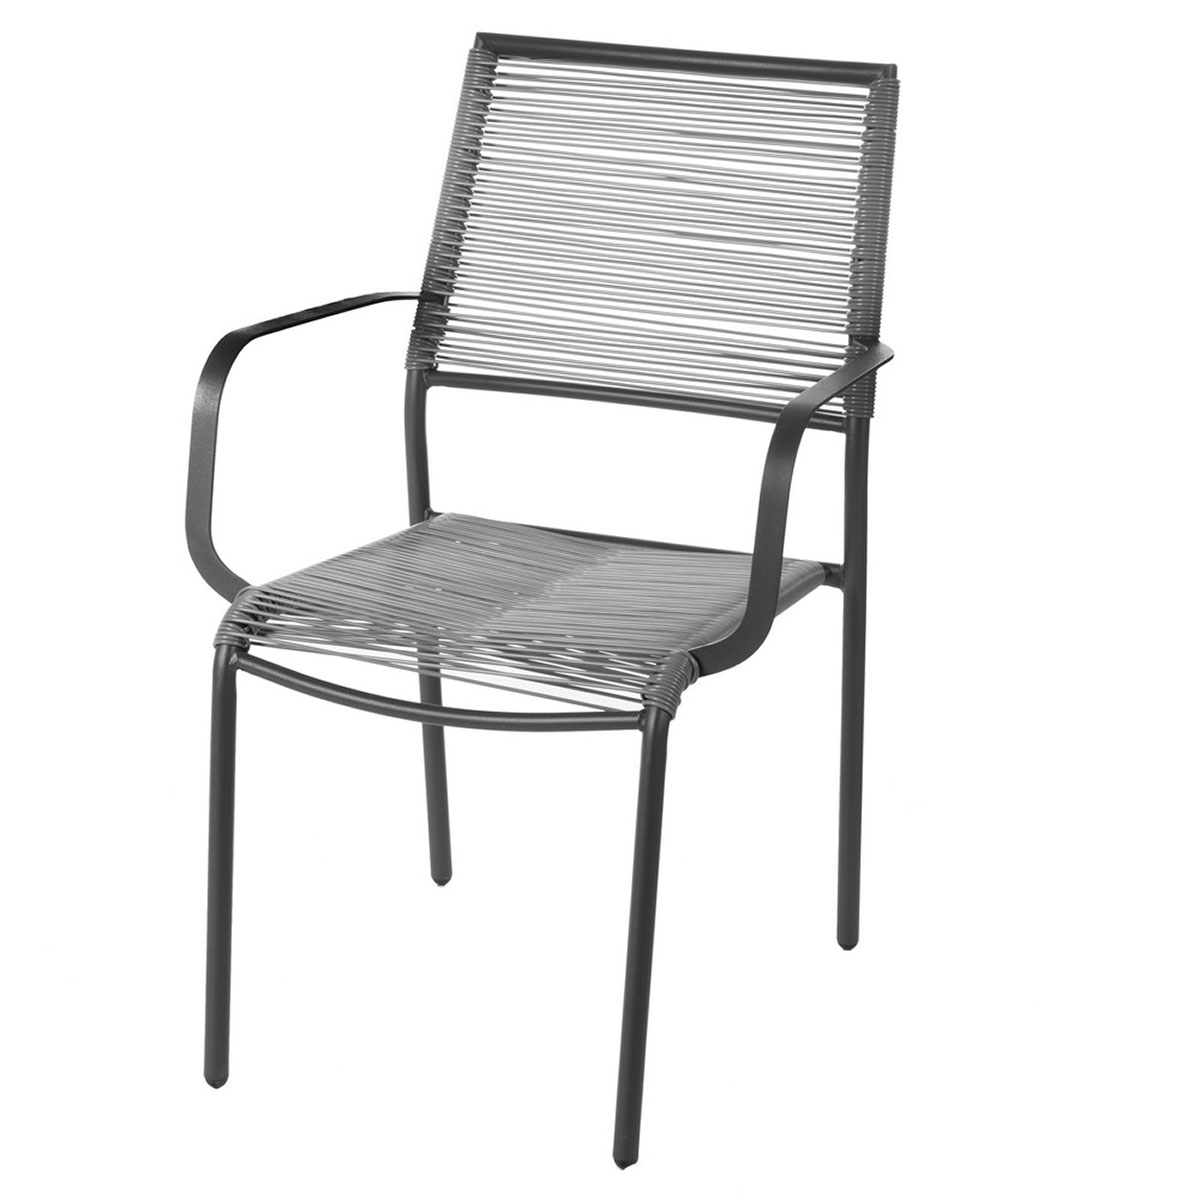 Lot de 2 chaises en acier gris - Gris - 62.50 cm x 55.00 cm x 84.00 cm